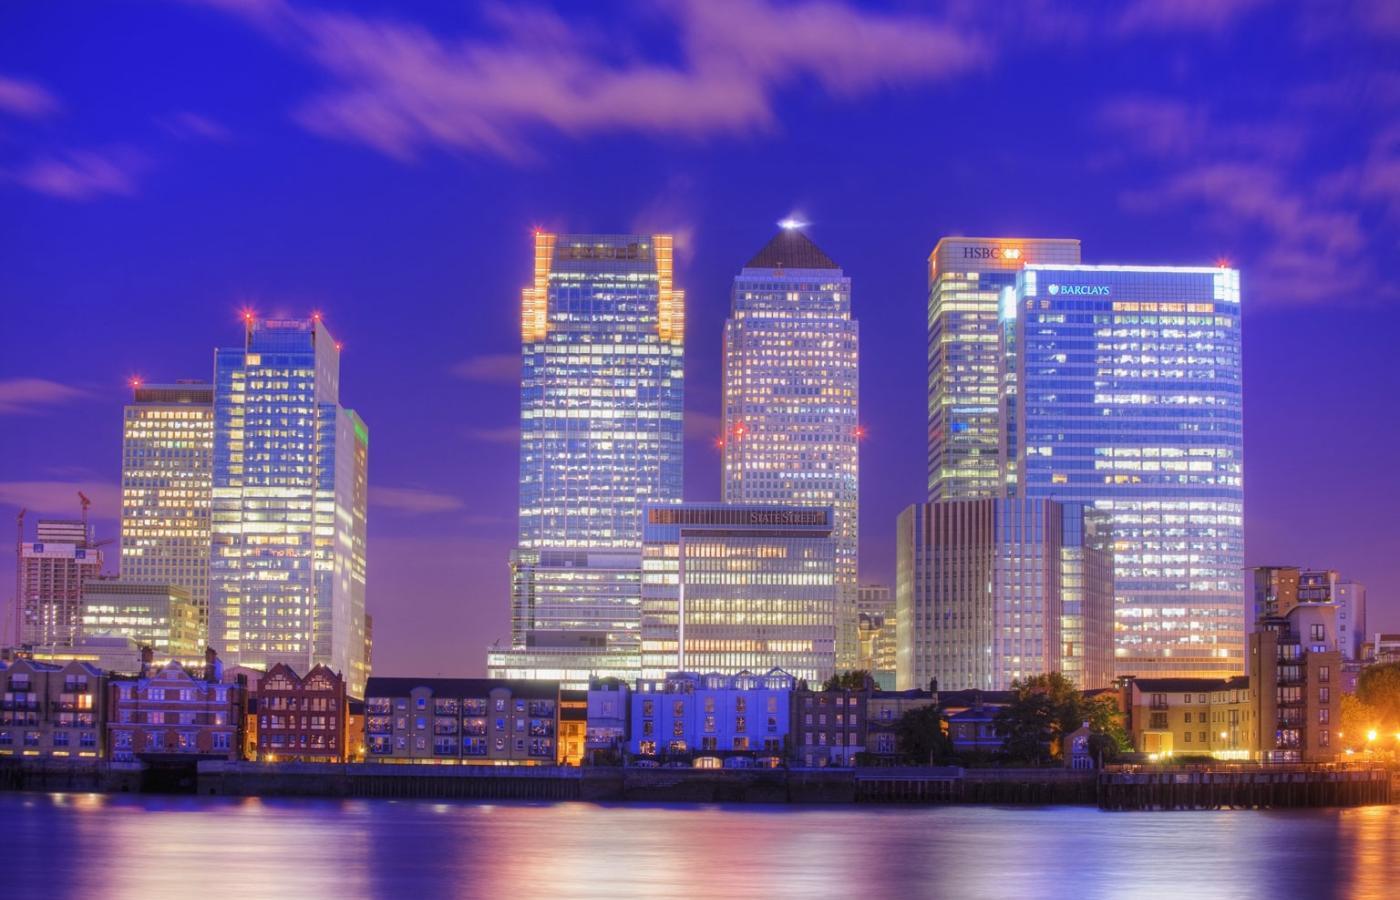 Wewnętrzny krąg z Londynem